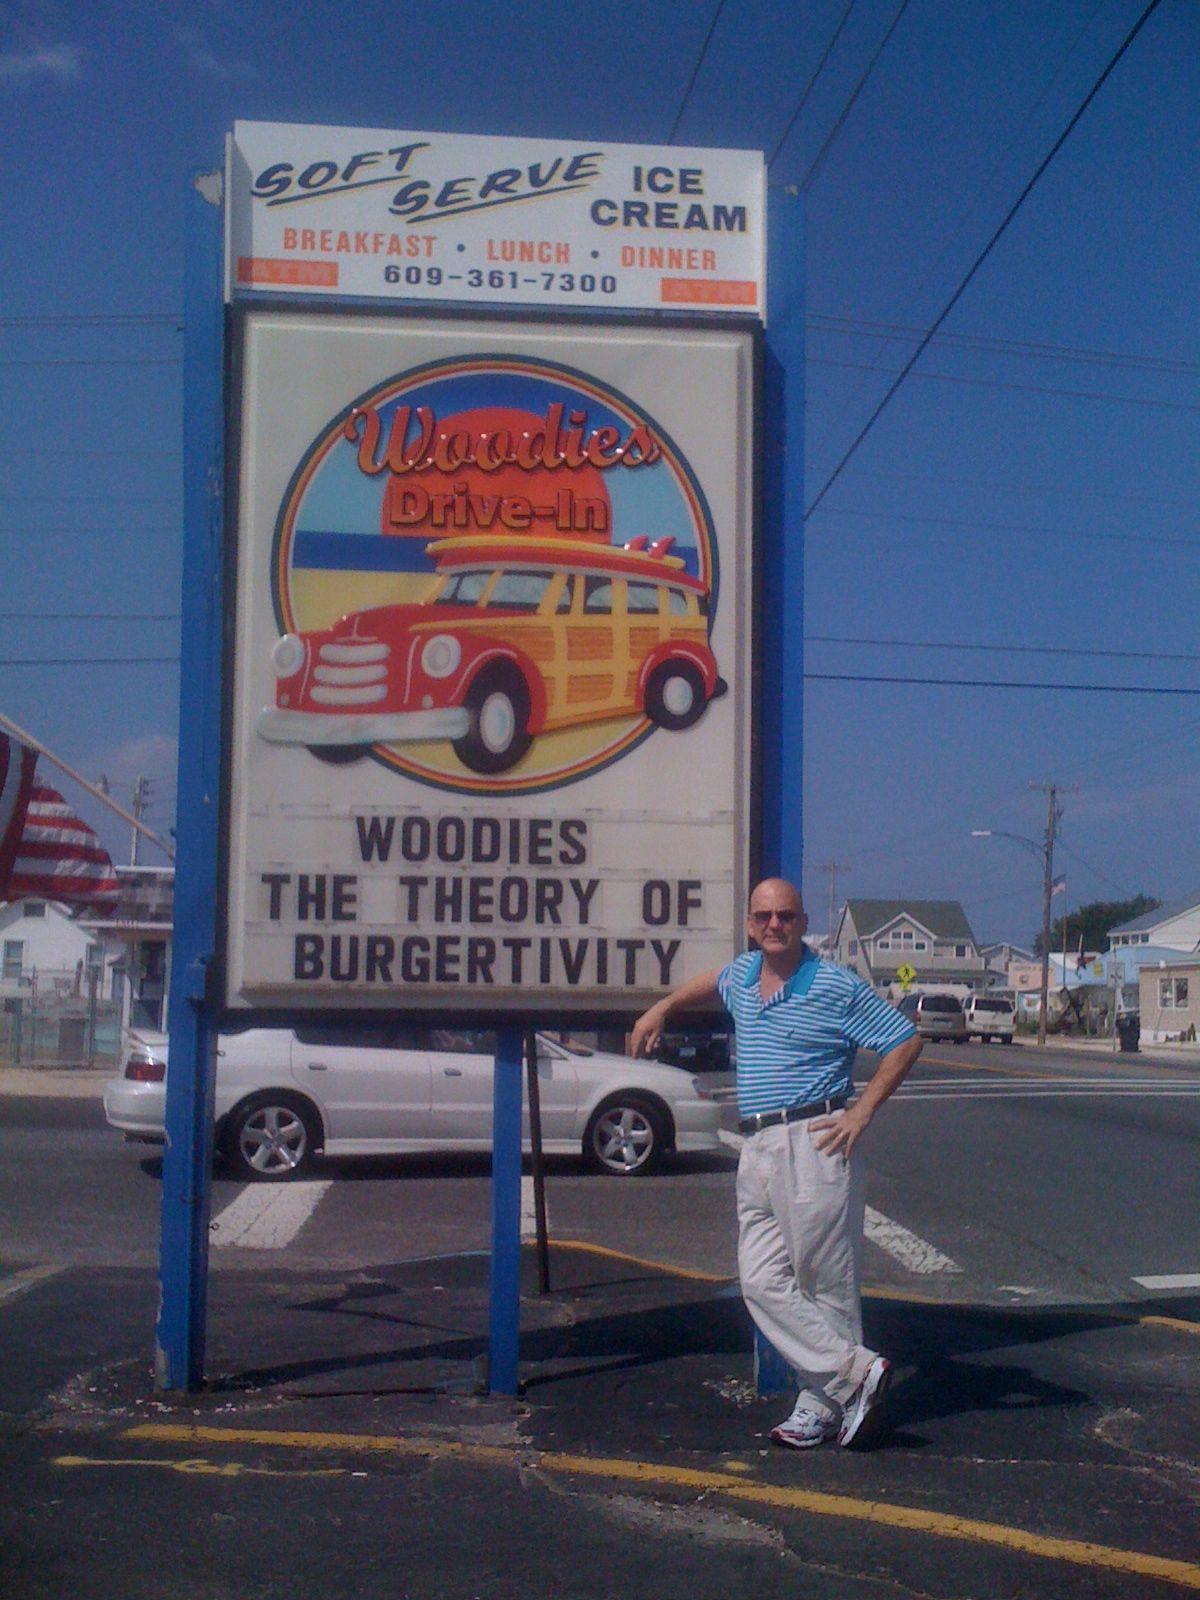 Woodies too lbi